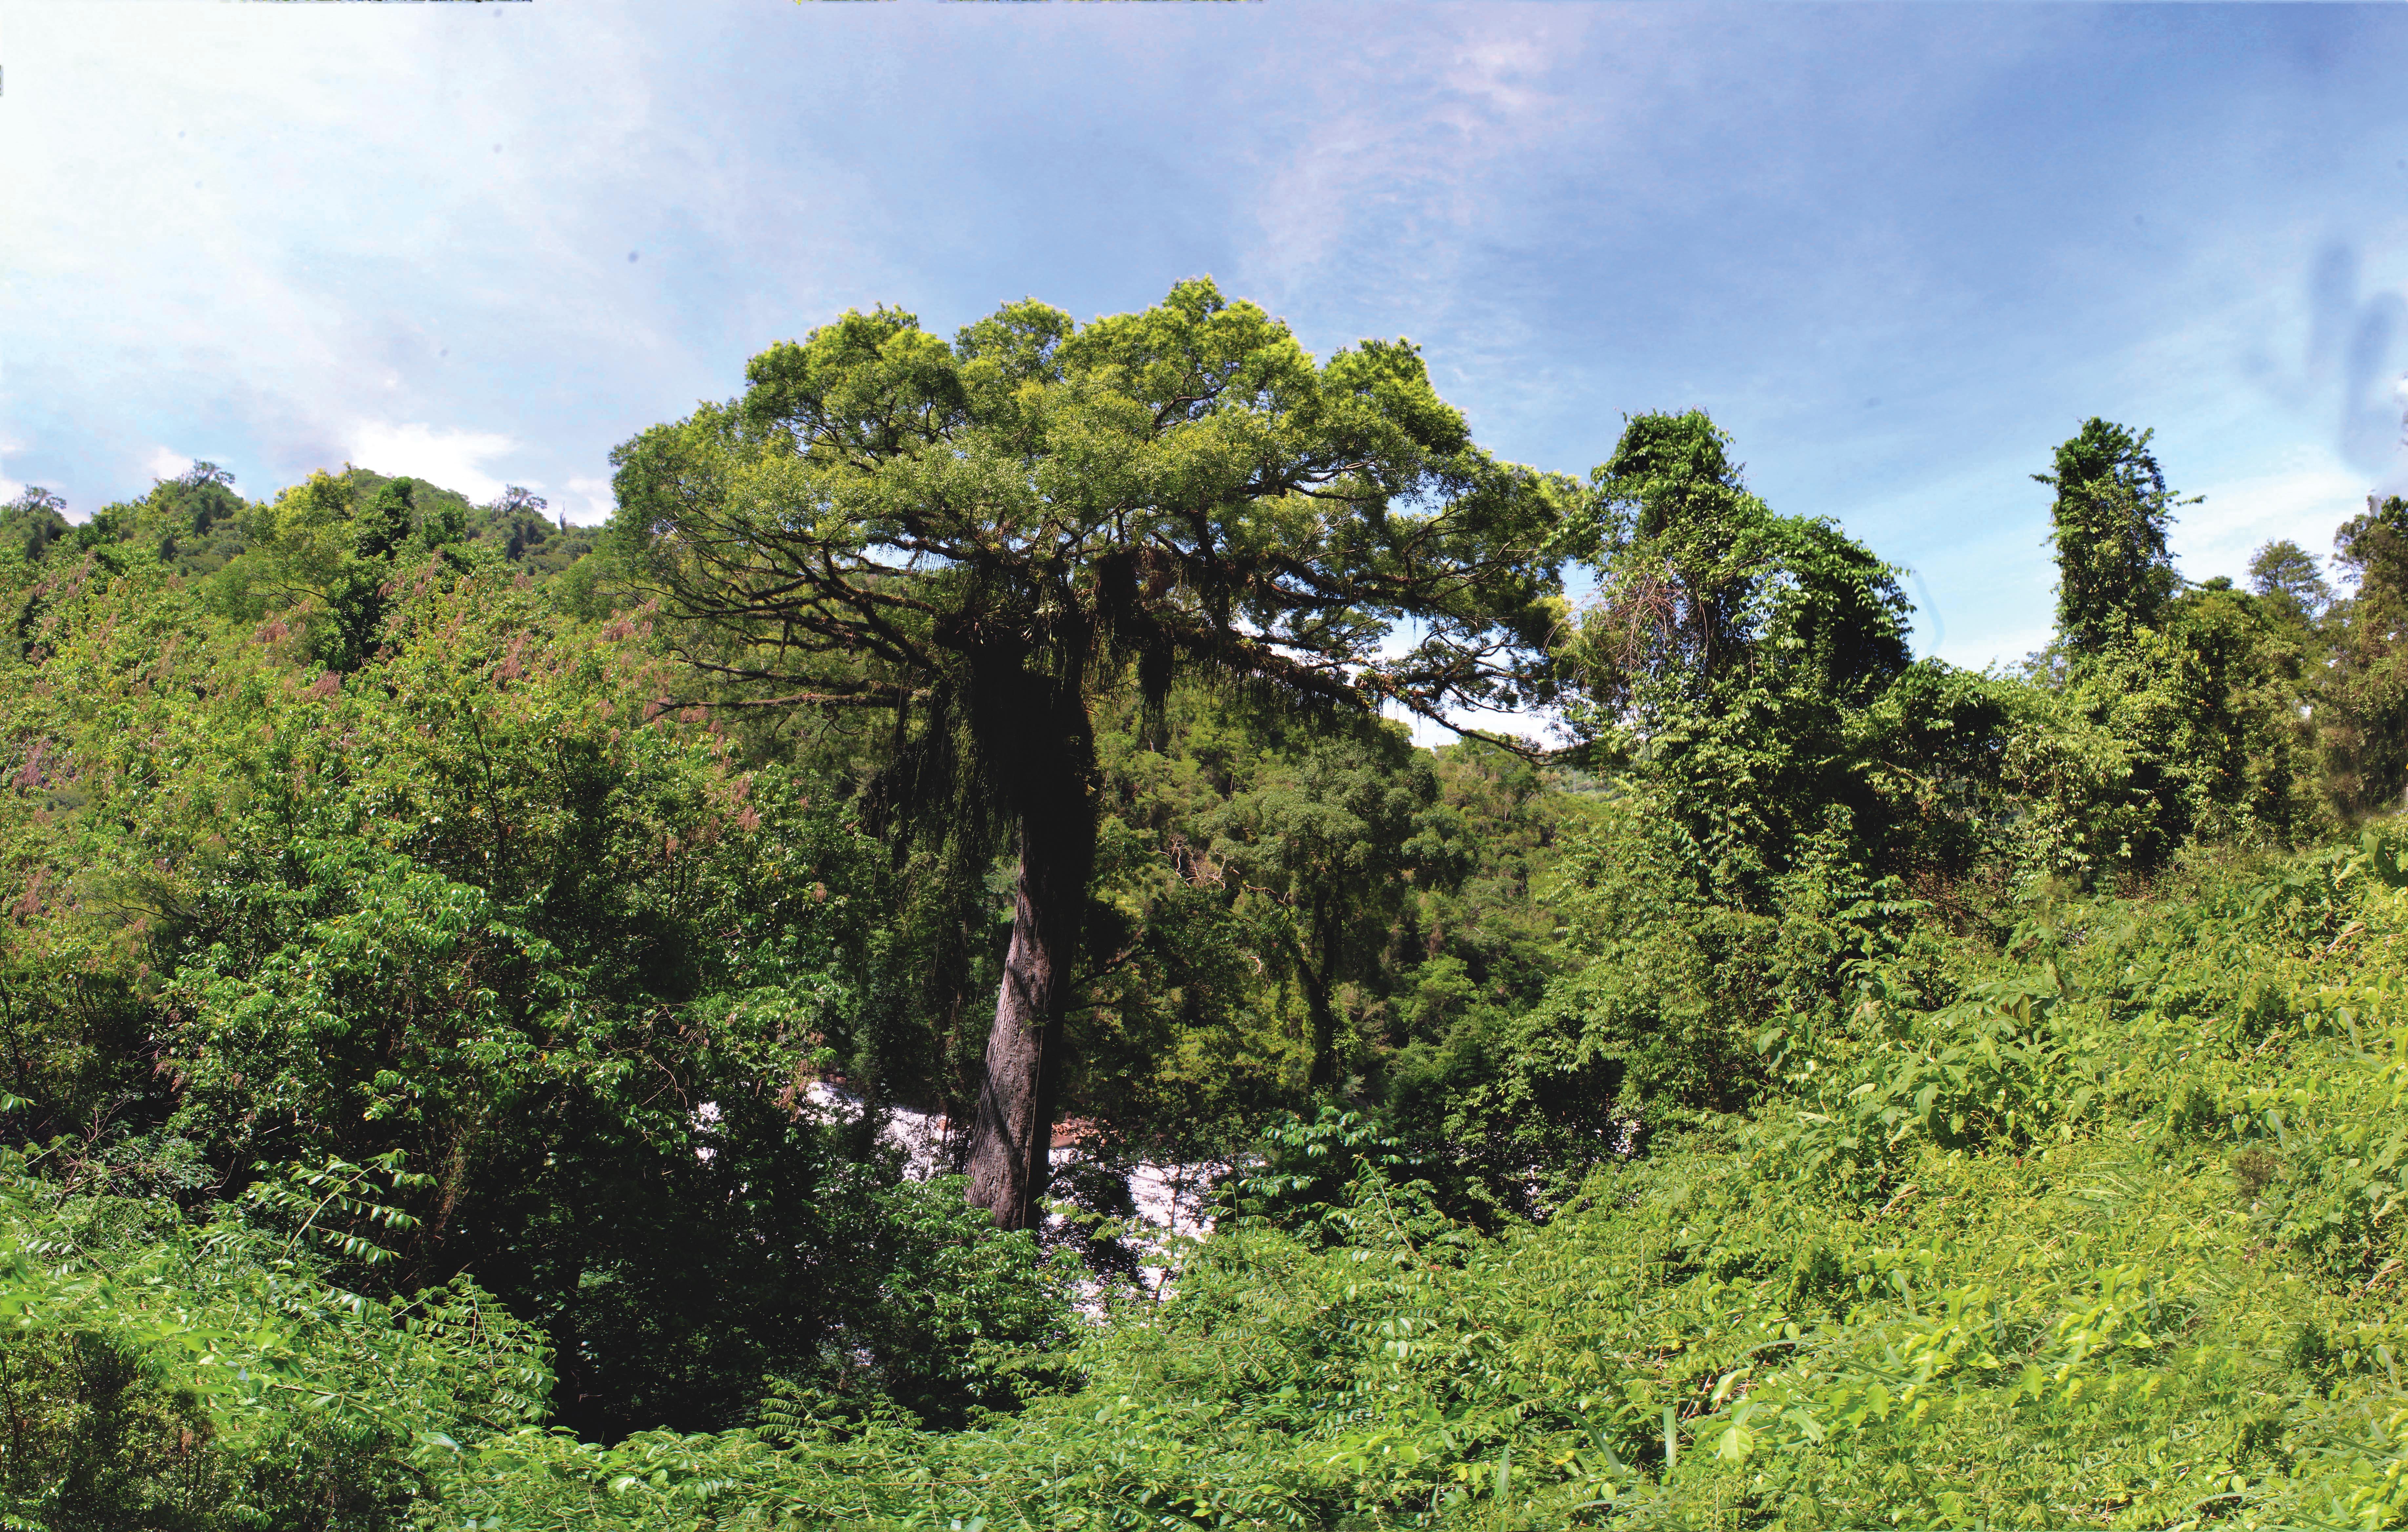 Atividades da Semana da Árvore começam nesta segunda-feira em Itu